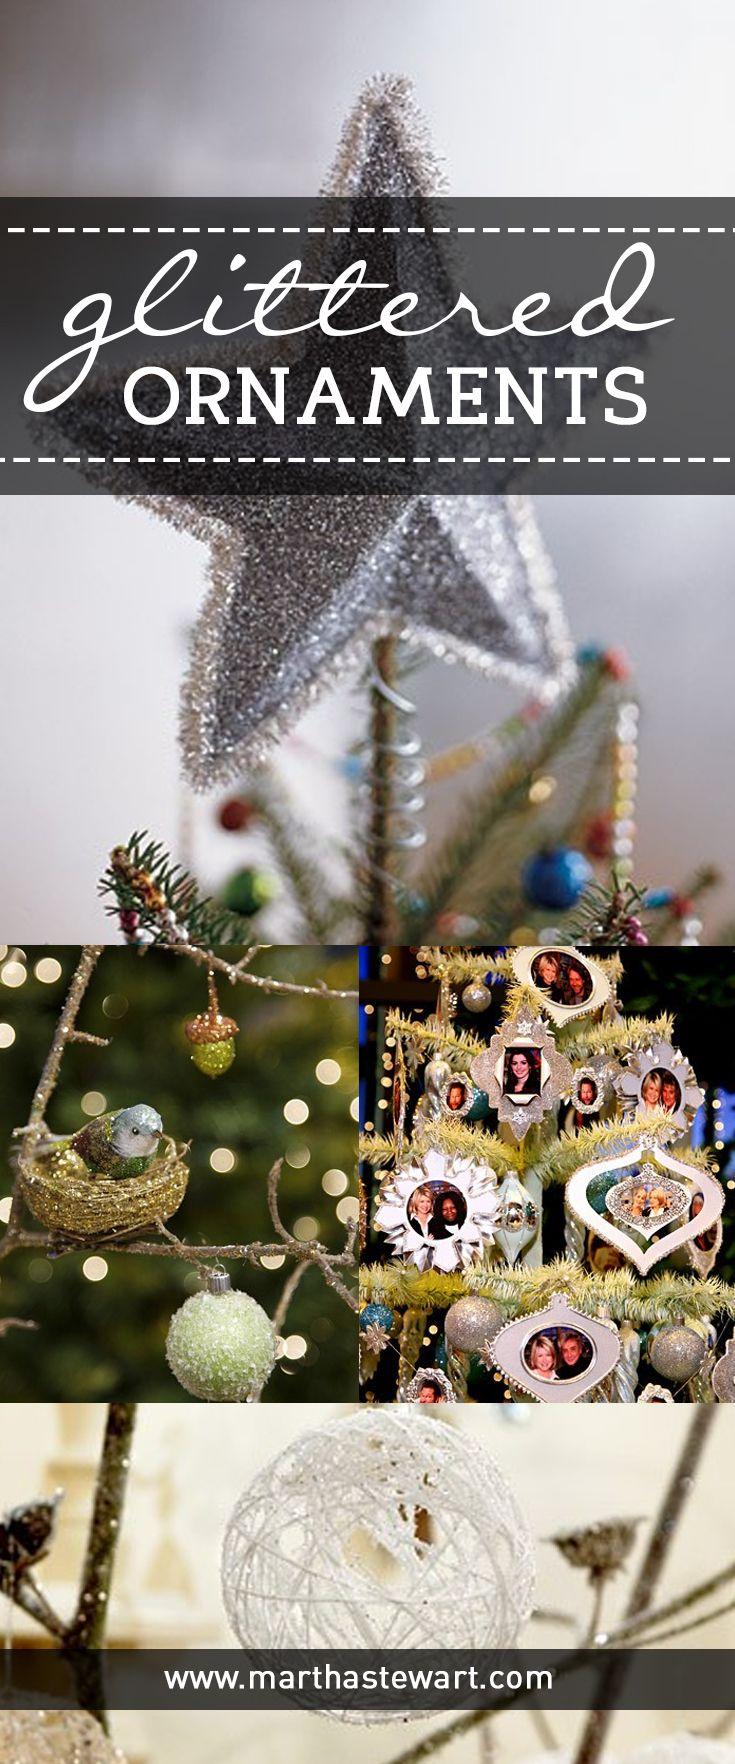 Einfache Dekoration Und Mobel Pantone Weihnachtskugeln #24: Glittered Christmas Ornaments